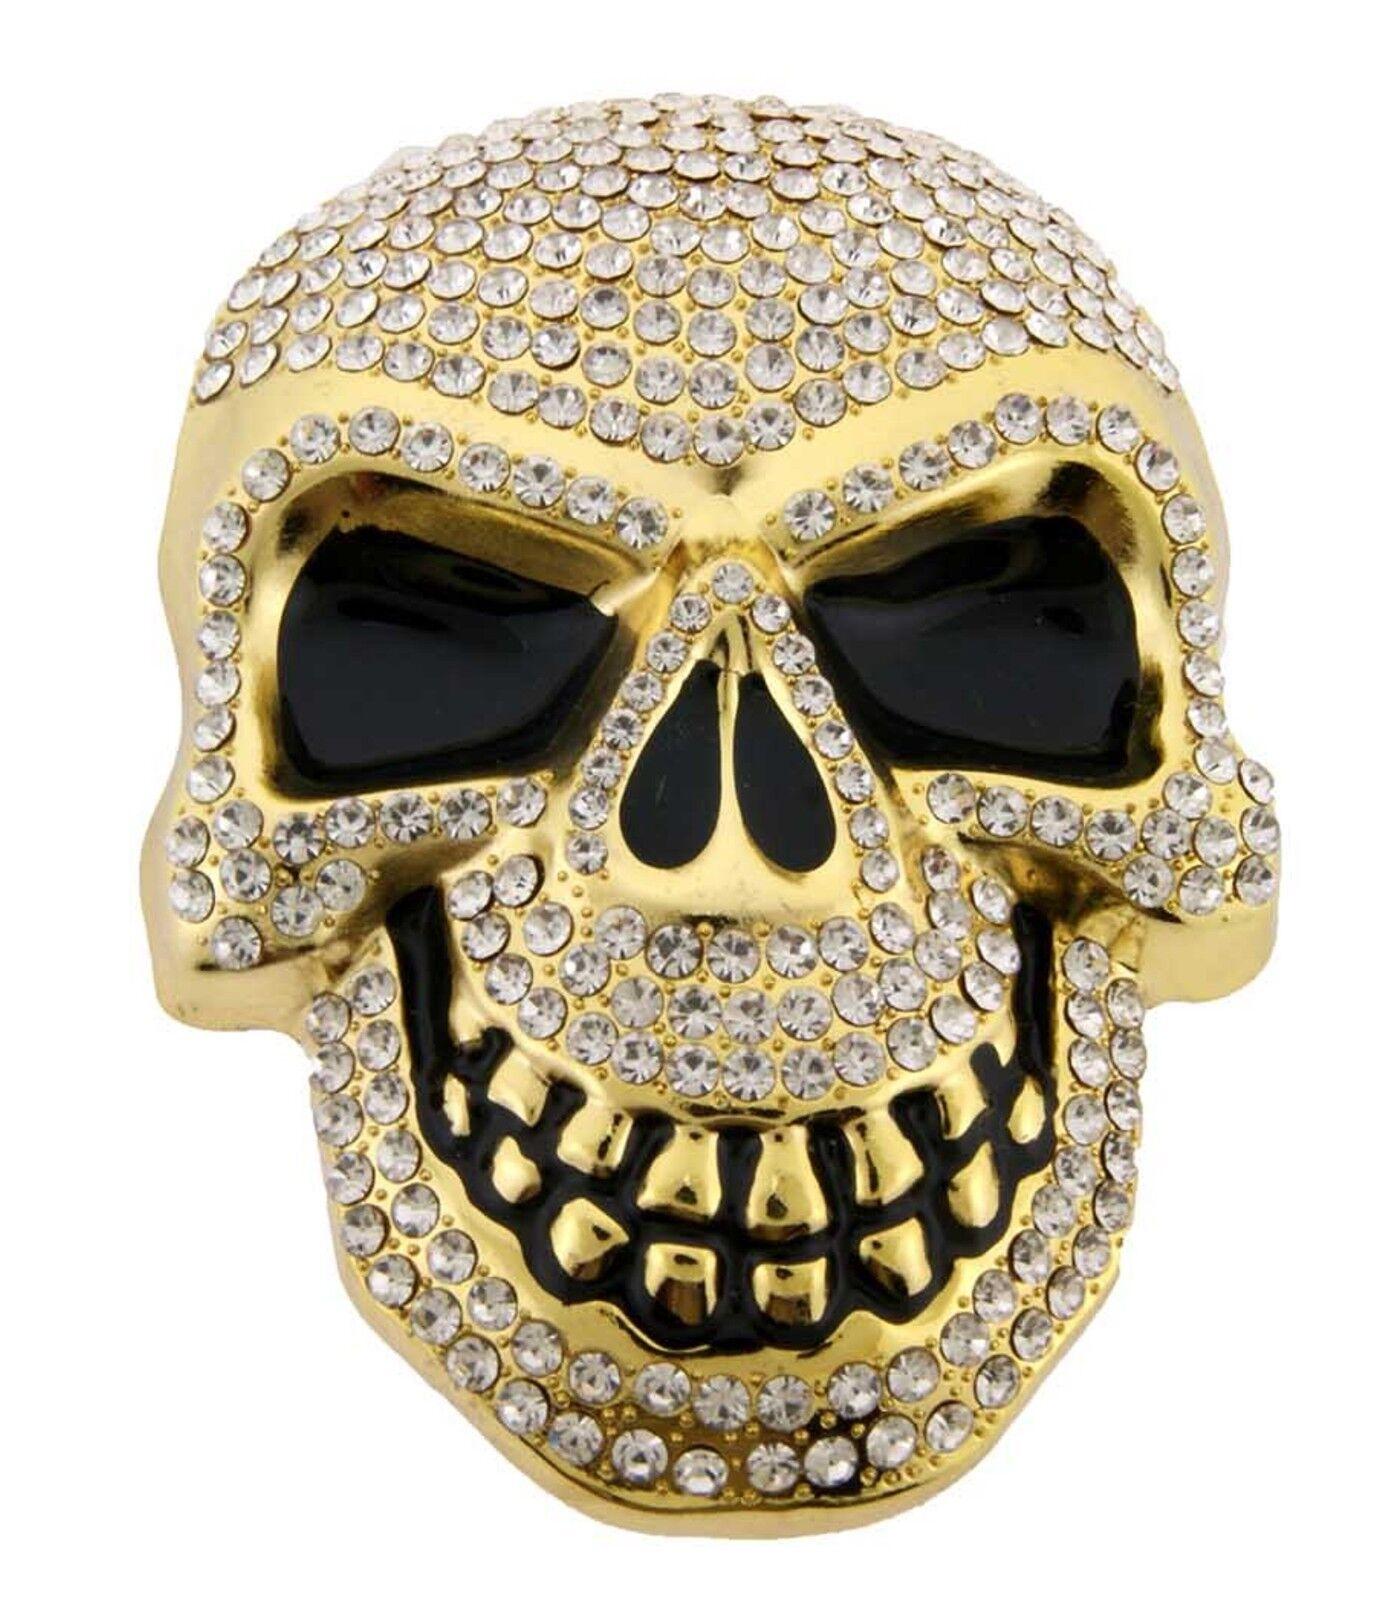 Herren Damen Totenköpfe Skelett Gürtelschnalle Gold Strass Metall Gothic Tribal